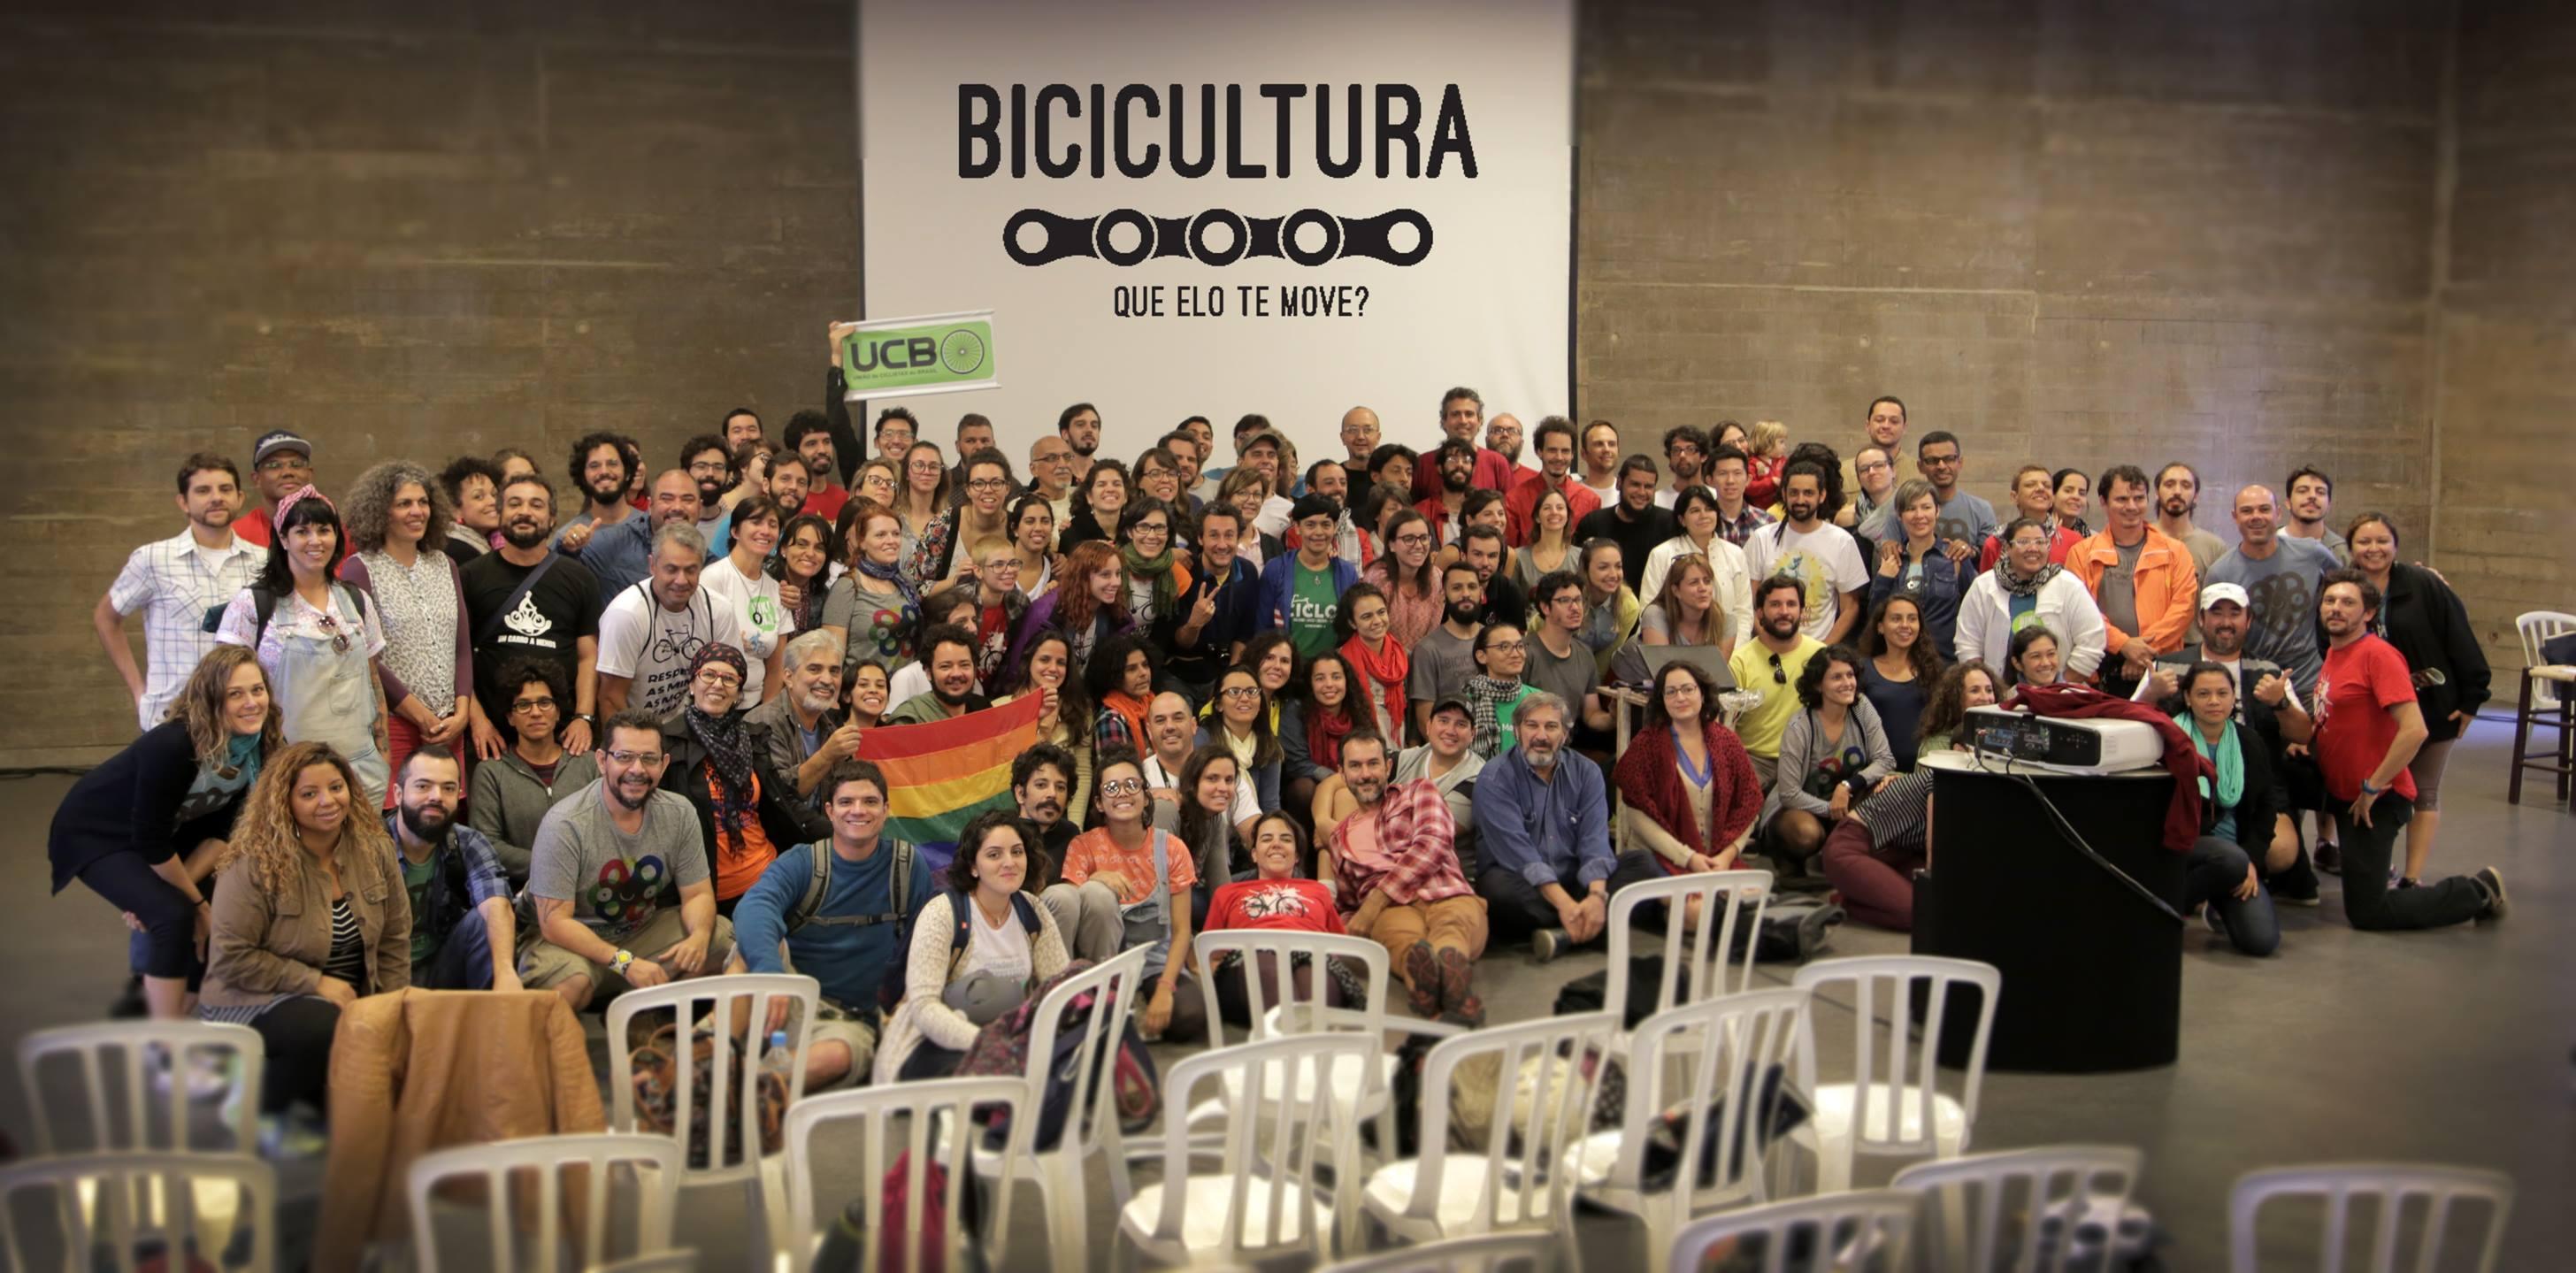 2016-05-26.29 - Bicicultura SP (62b)